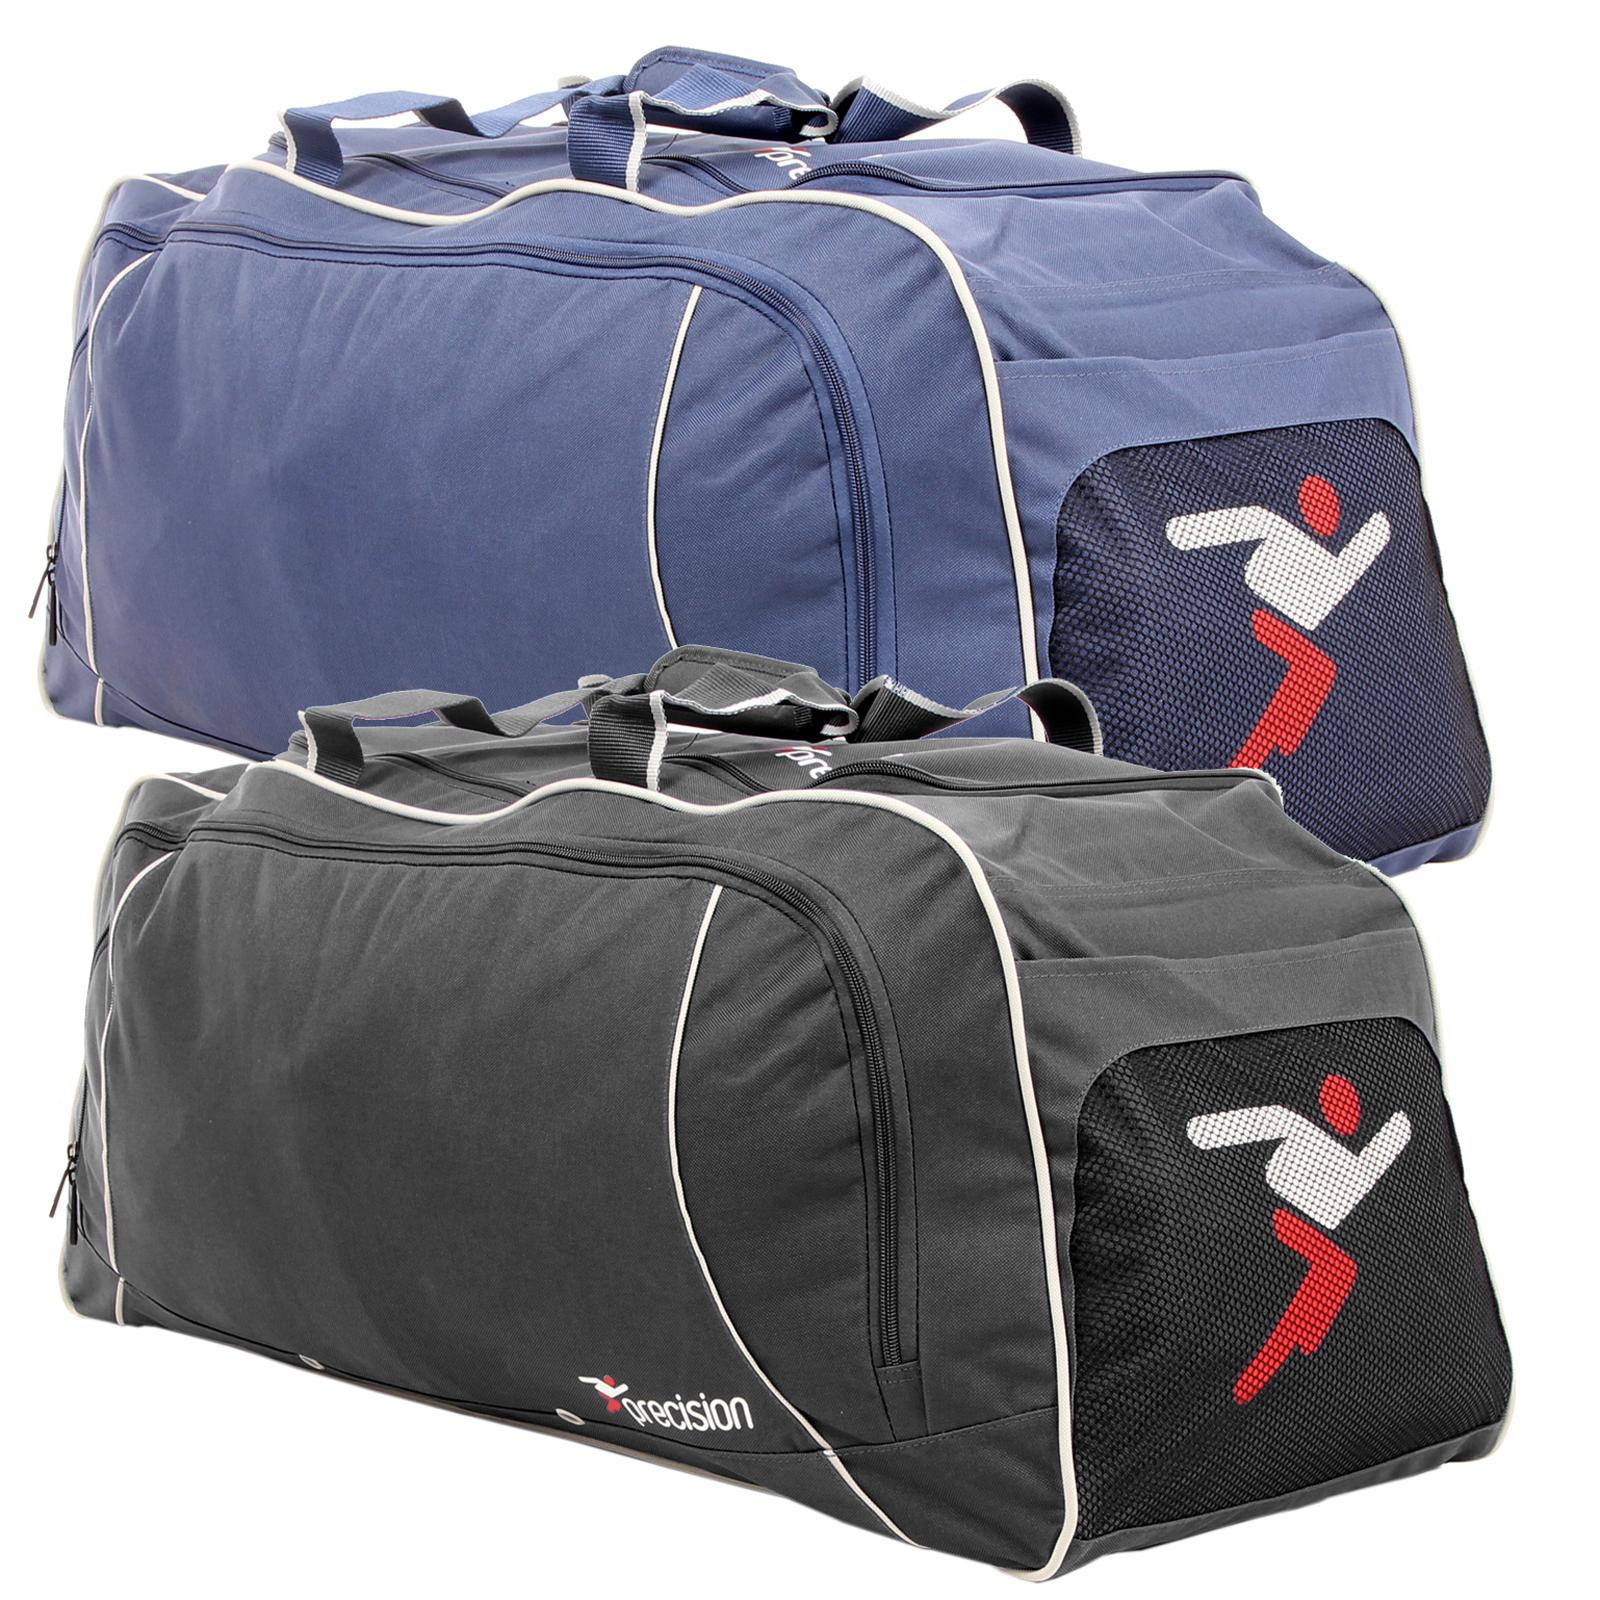 43f14511217b Precision Team Kit Bag - Black Silver 691200742755